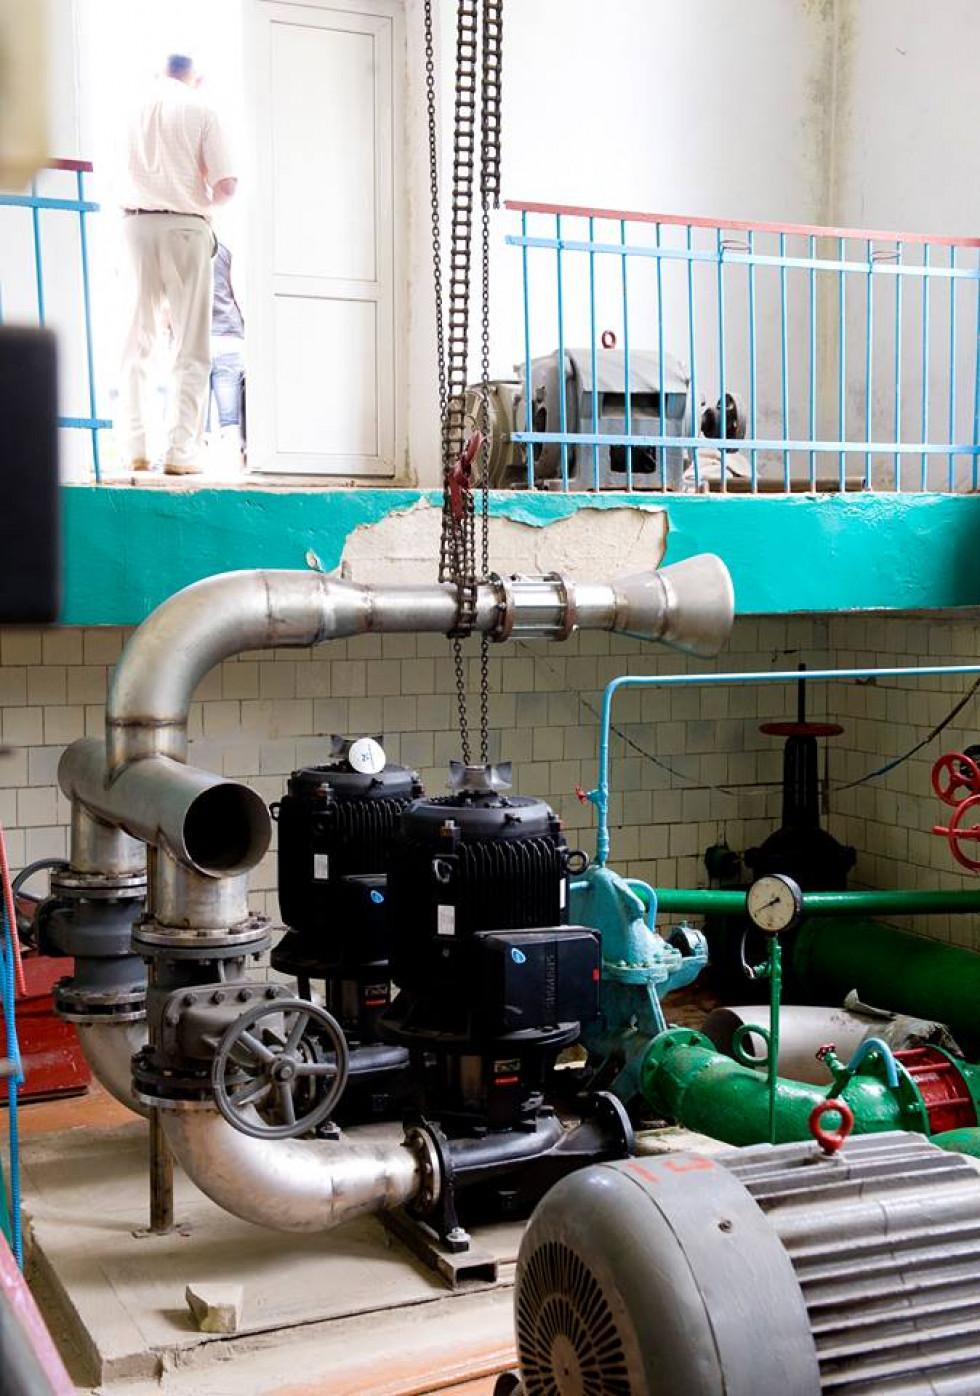 Було замінено насоси на насосній станції, встановлено резервуар для чистої води.